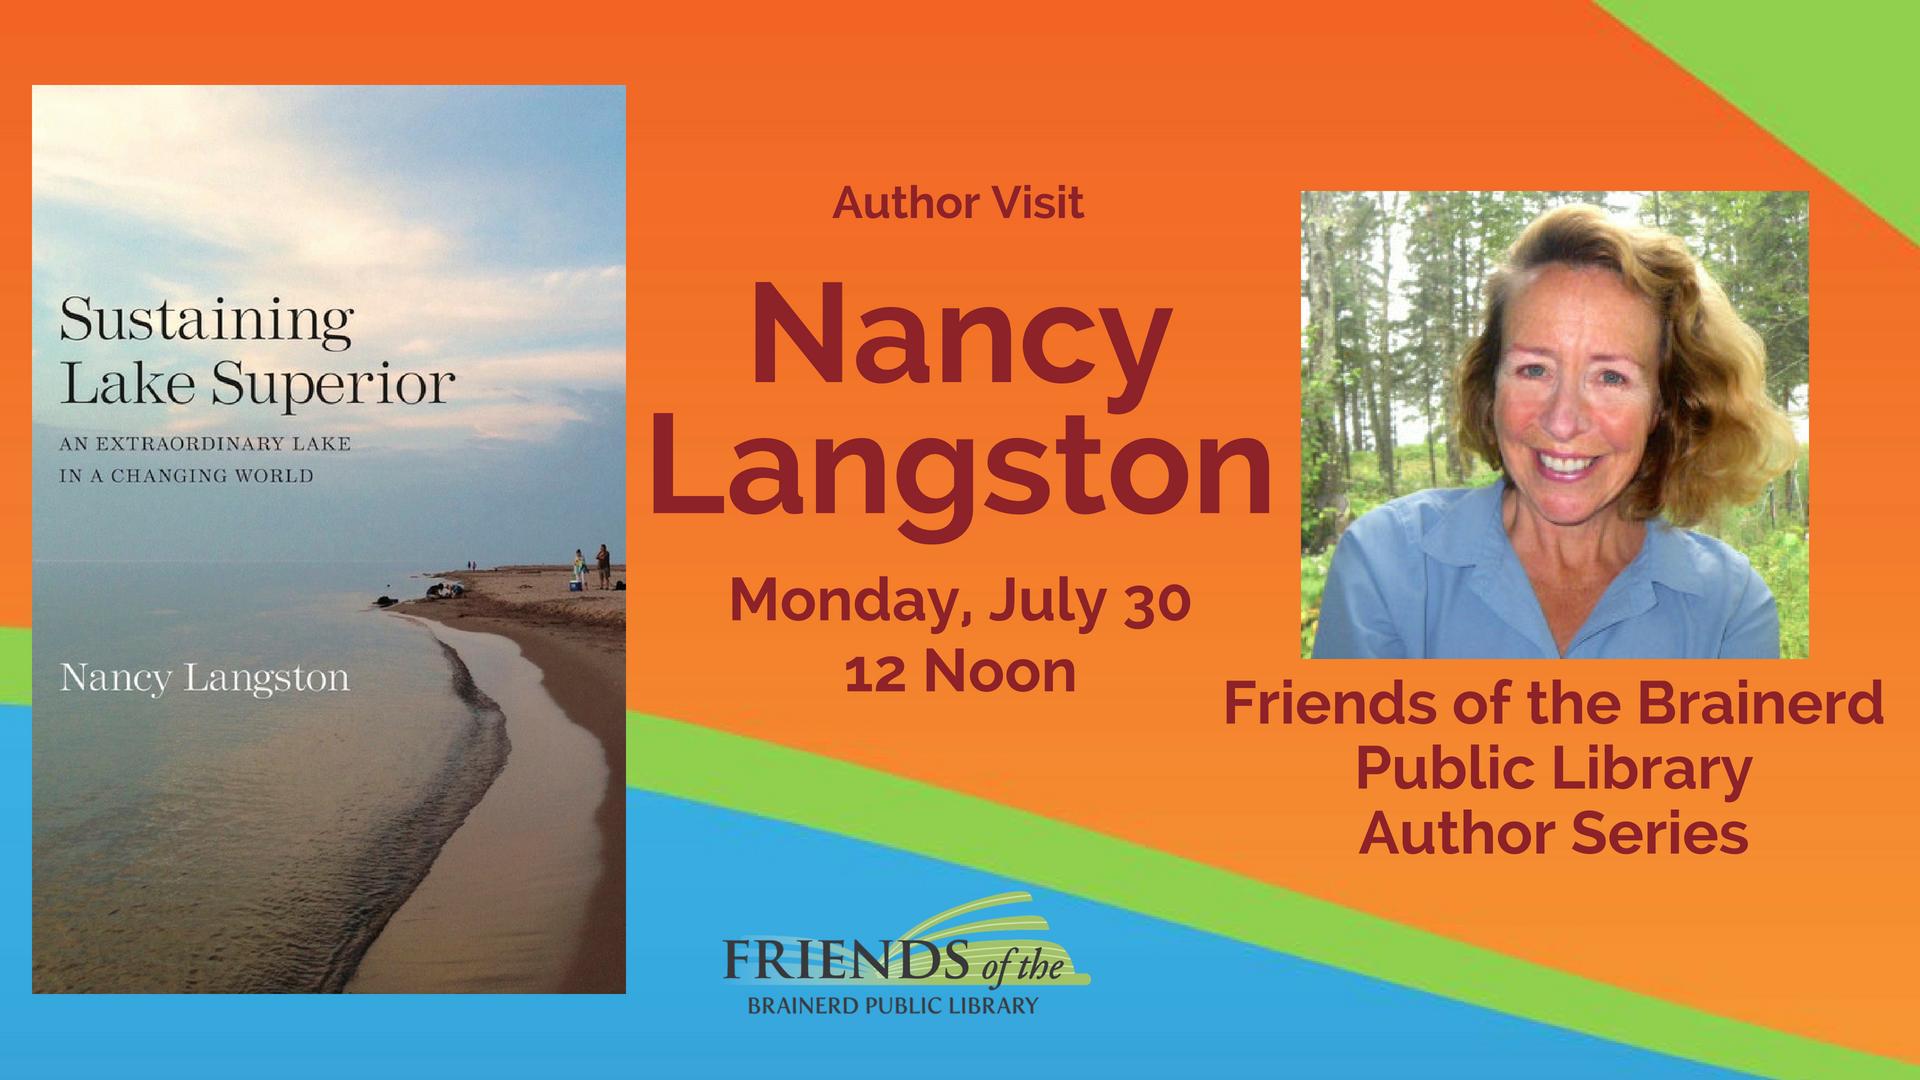 Brown Bag Author Visit: Nancy Langston